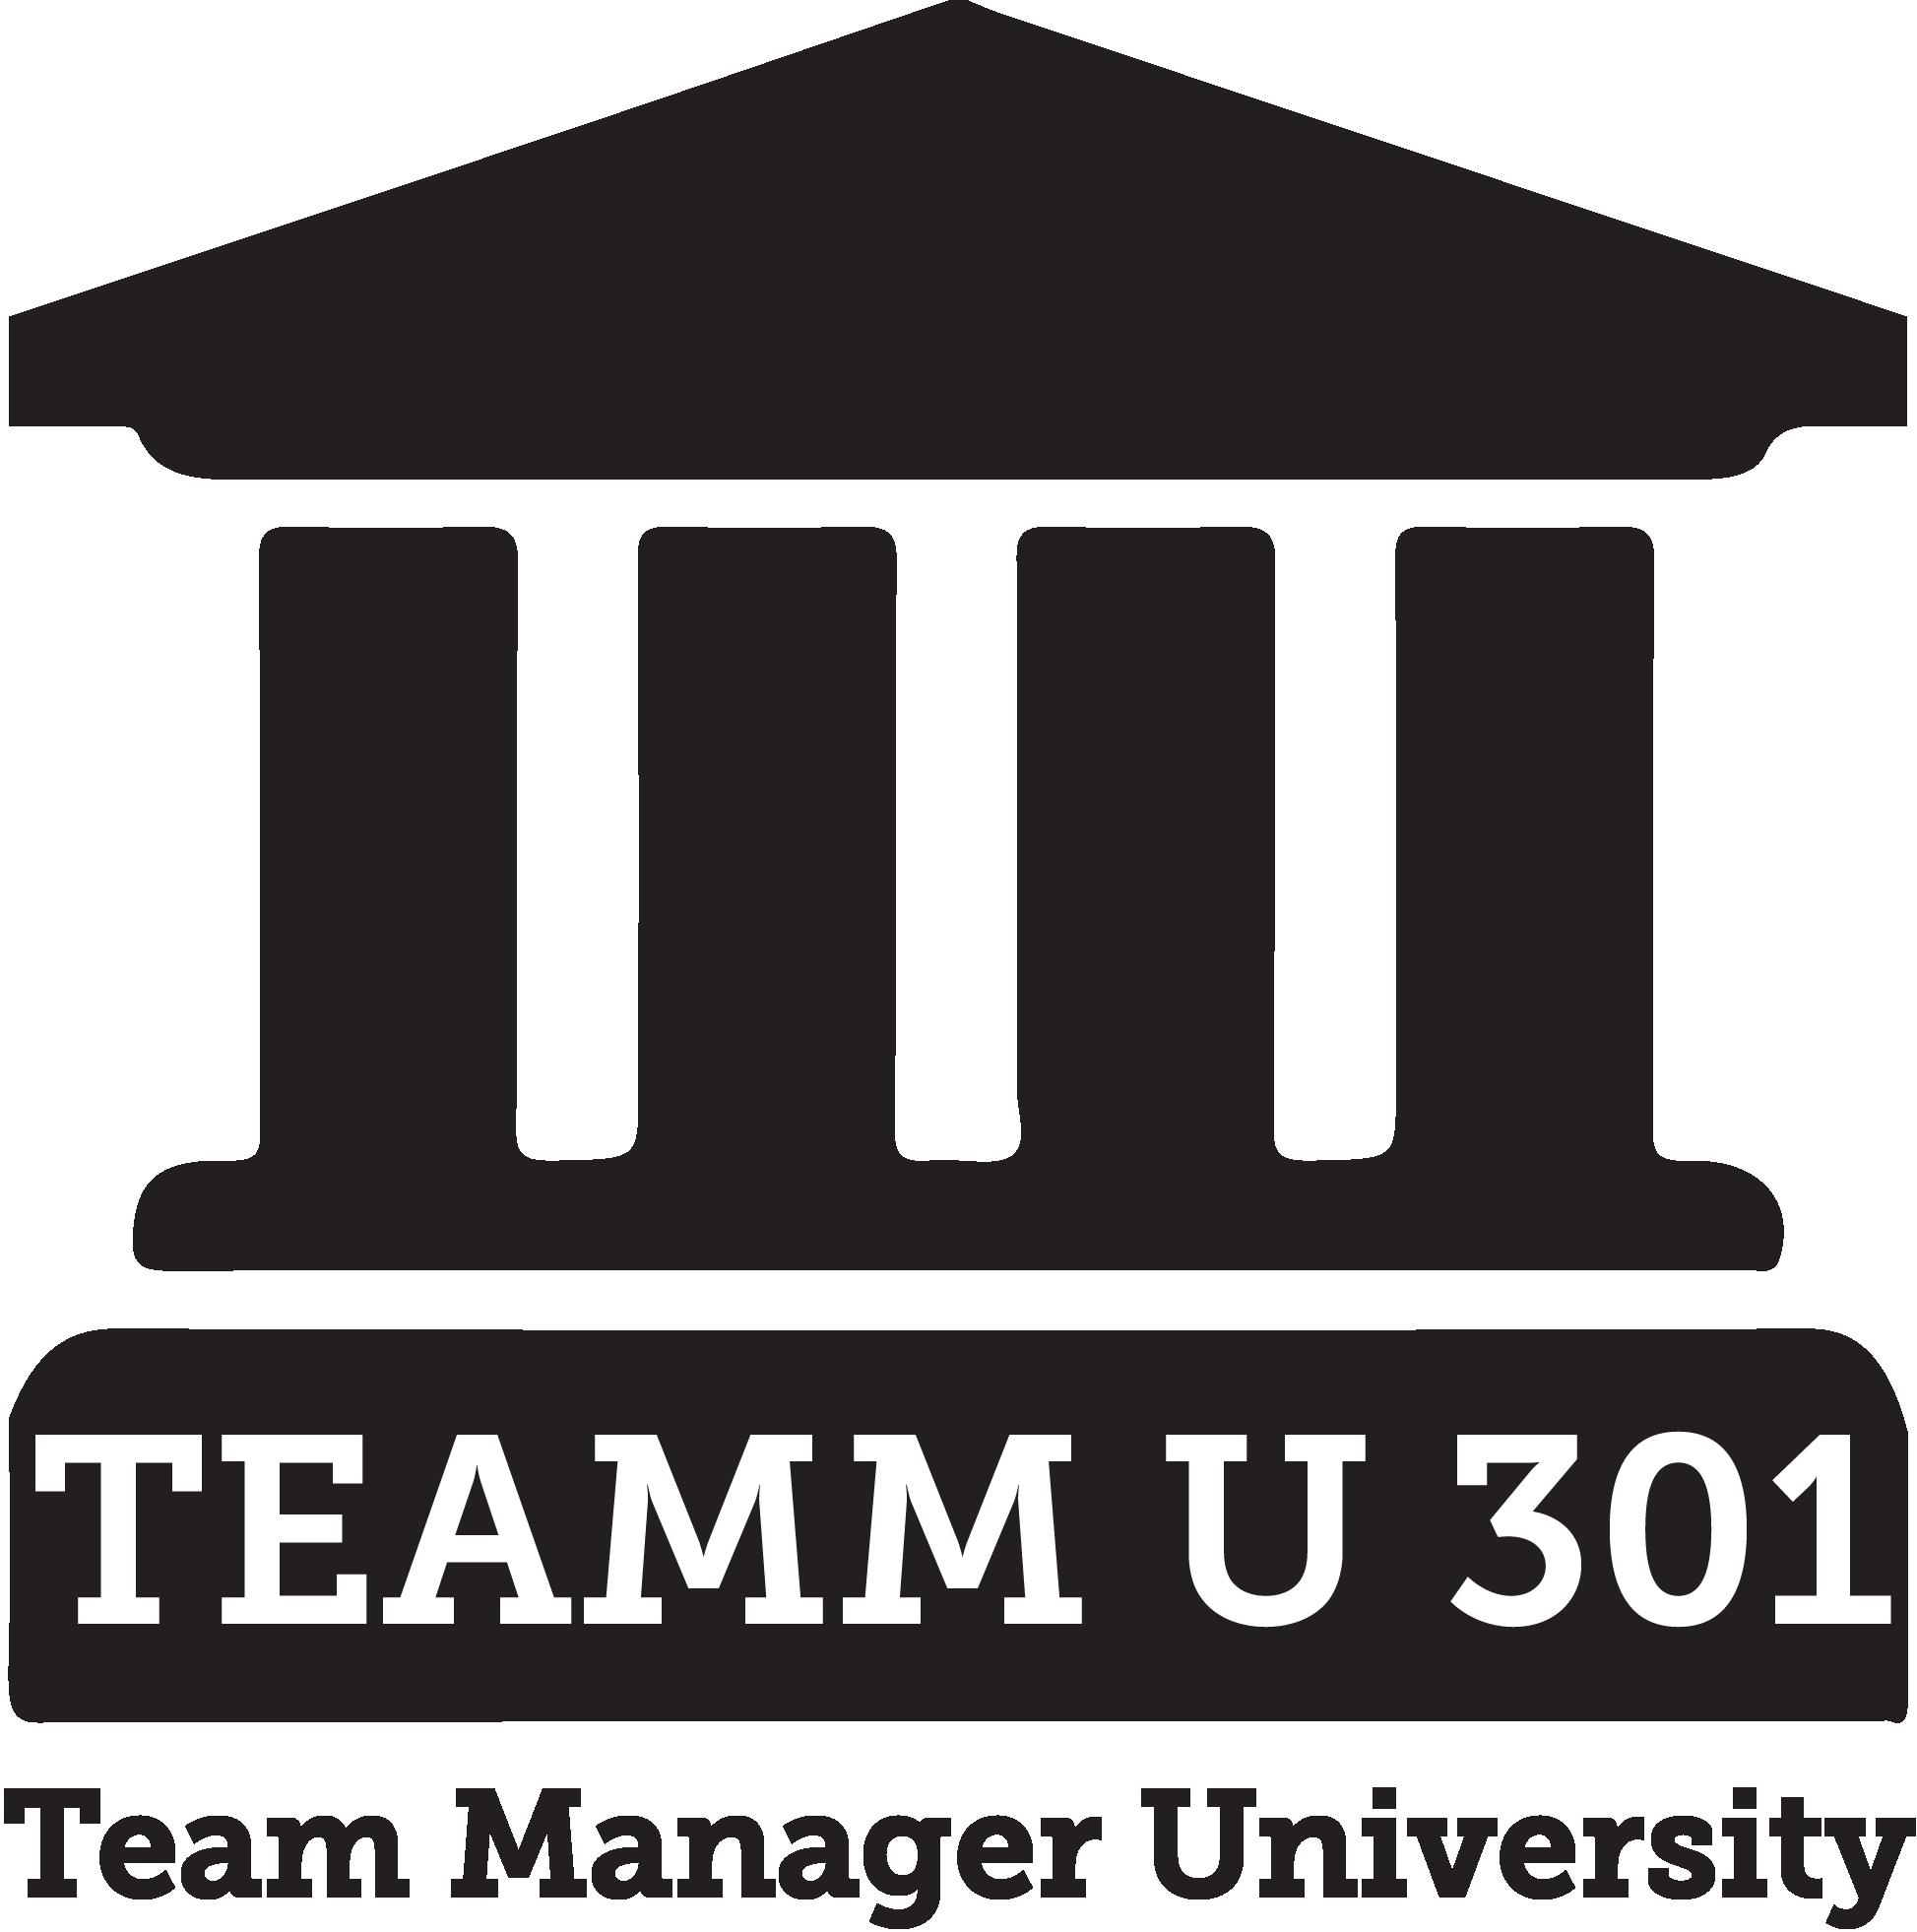 TEAMMU 301 Logo.png